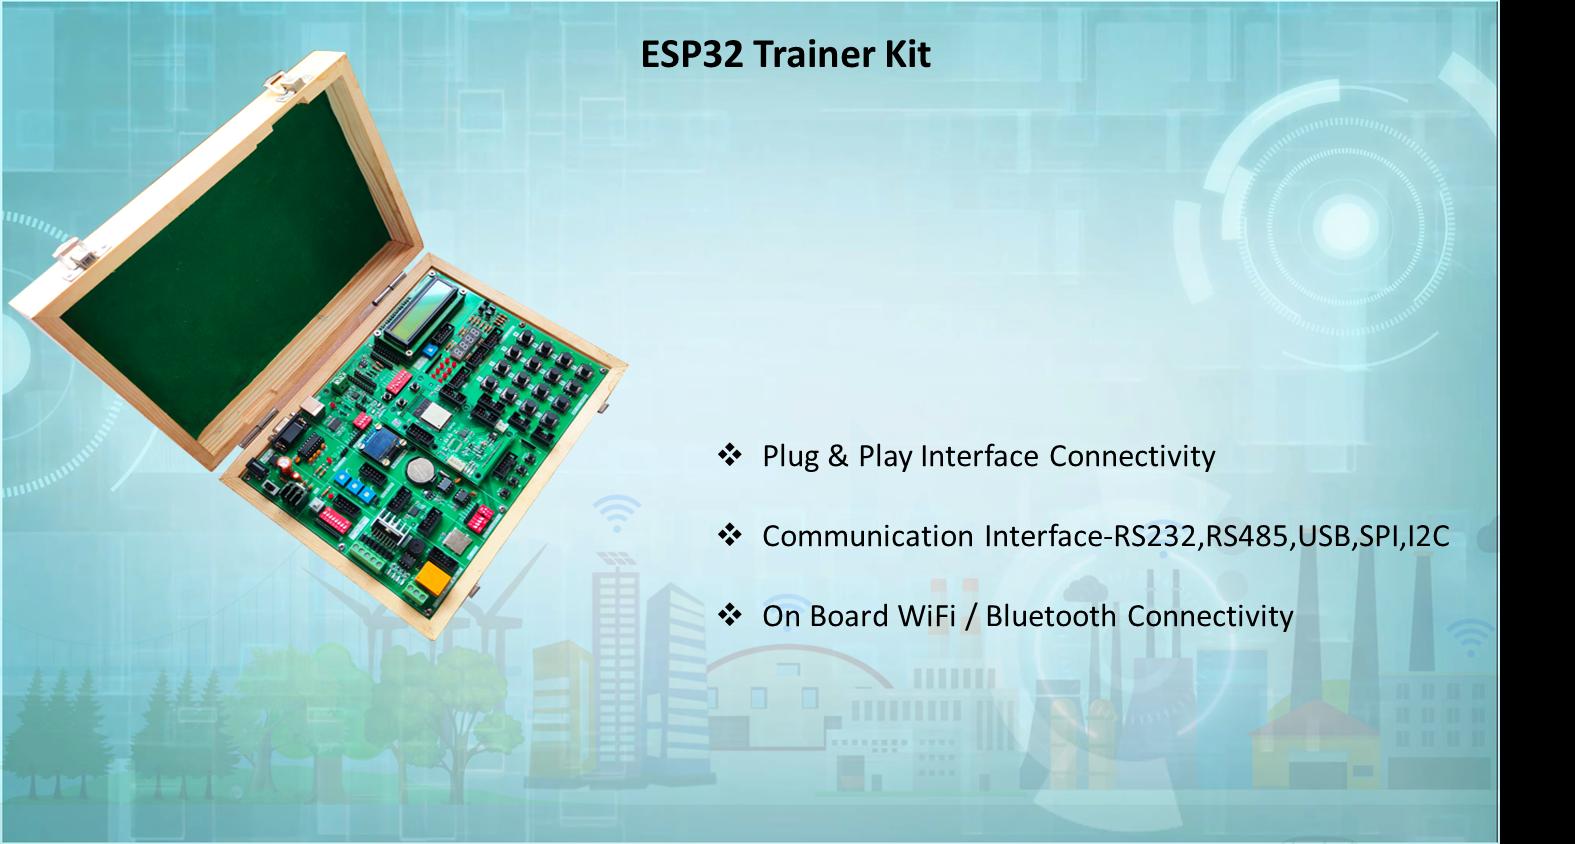 ESP32 IOT TRAINER KIT